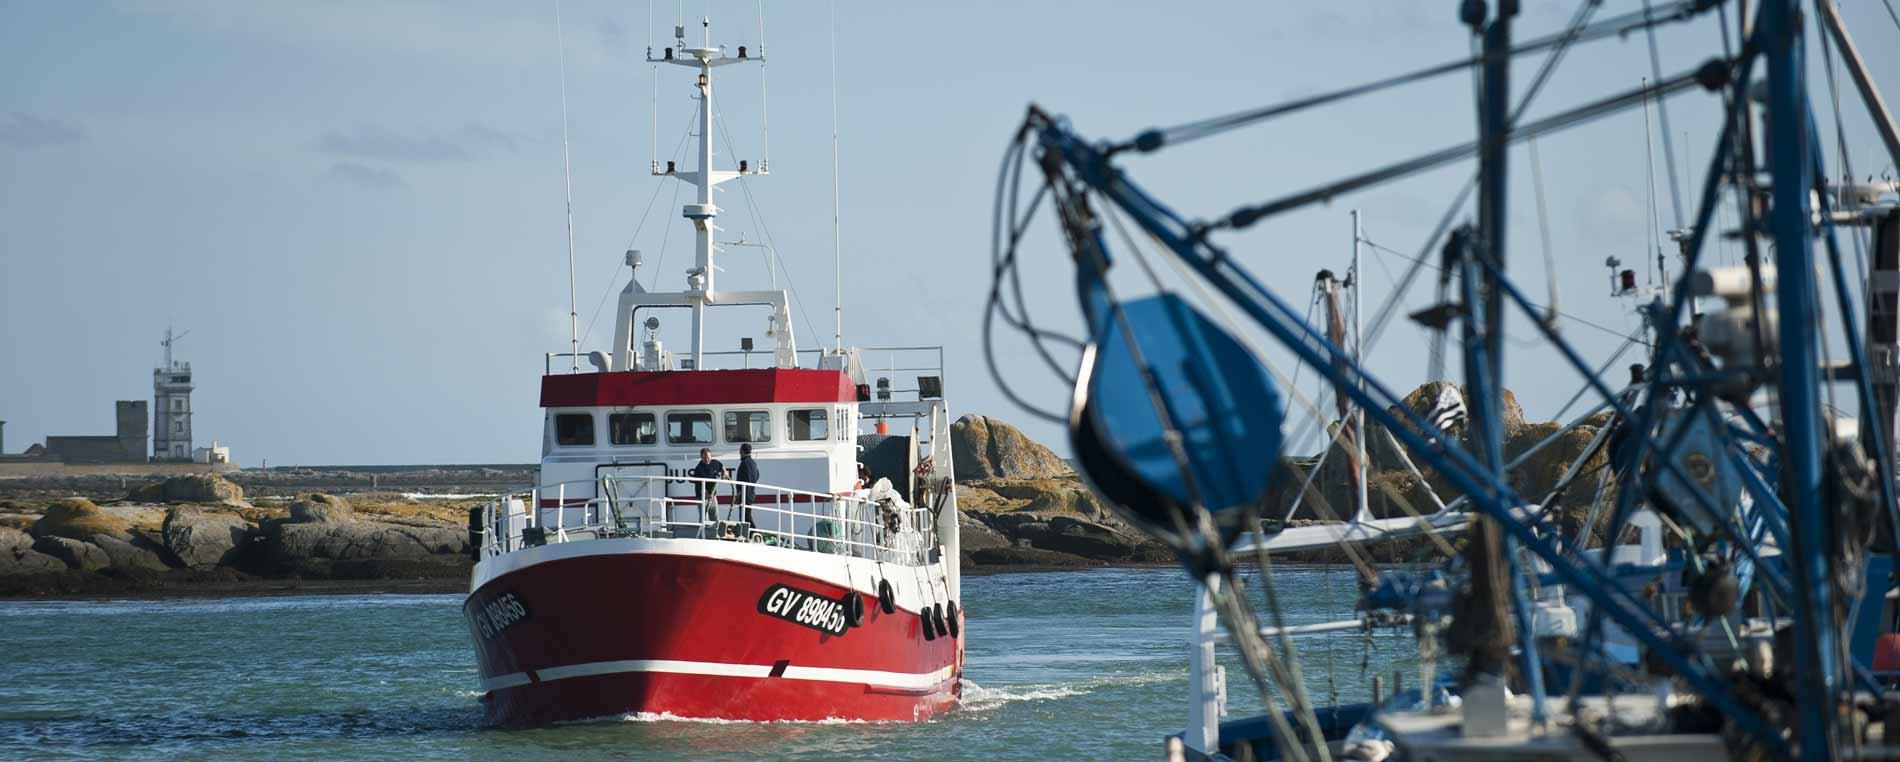 Les ports de pêche du pays bigouden